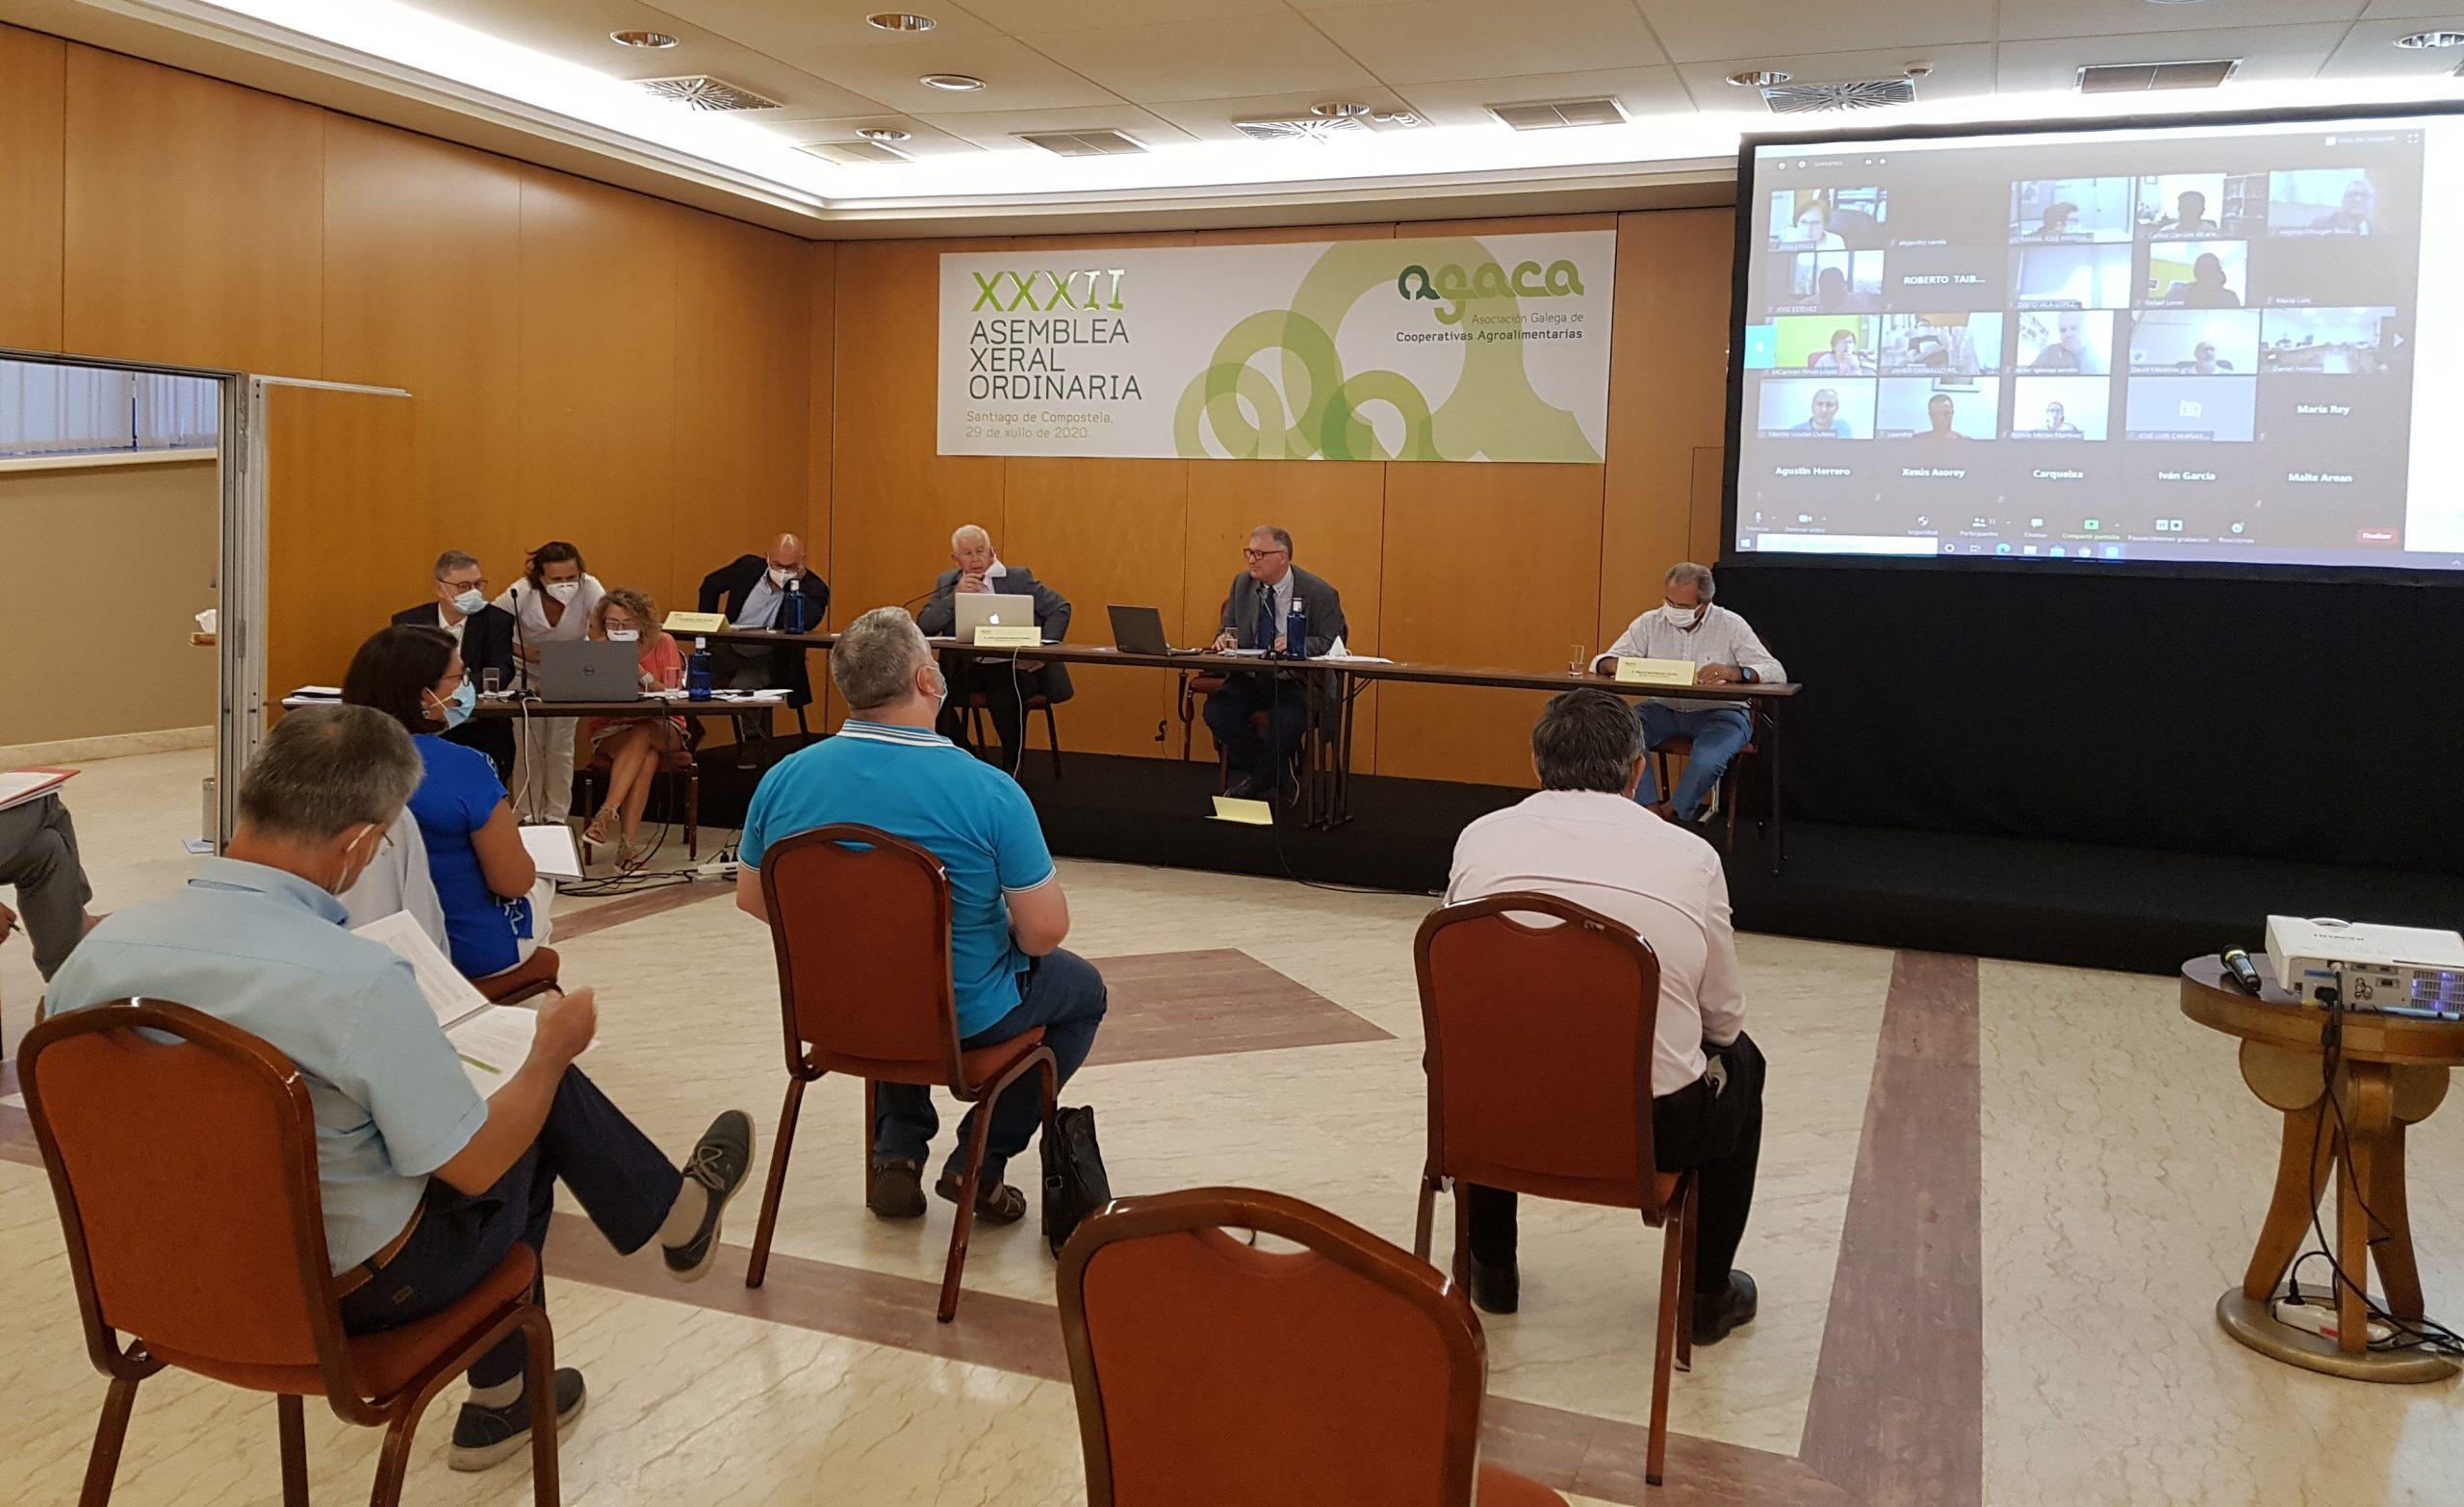 AGACA celebra a XXXII Asemblea Xeral Ordinaria preocupada pola reactivación económica e as negociacións da Reforma da PAC